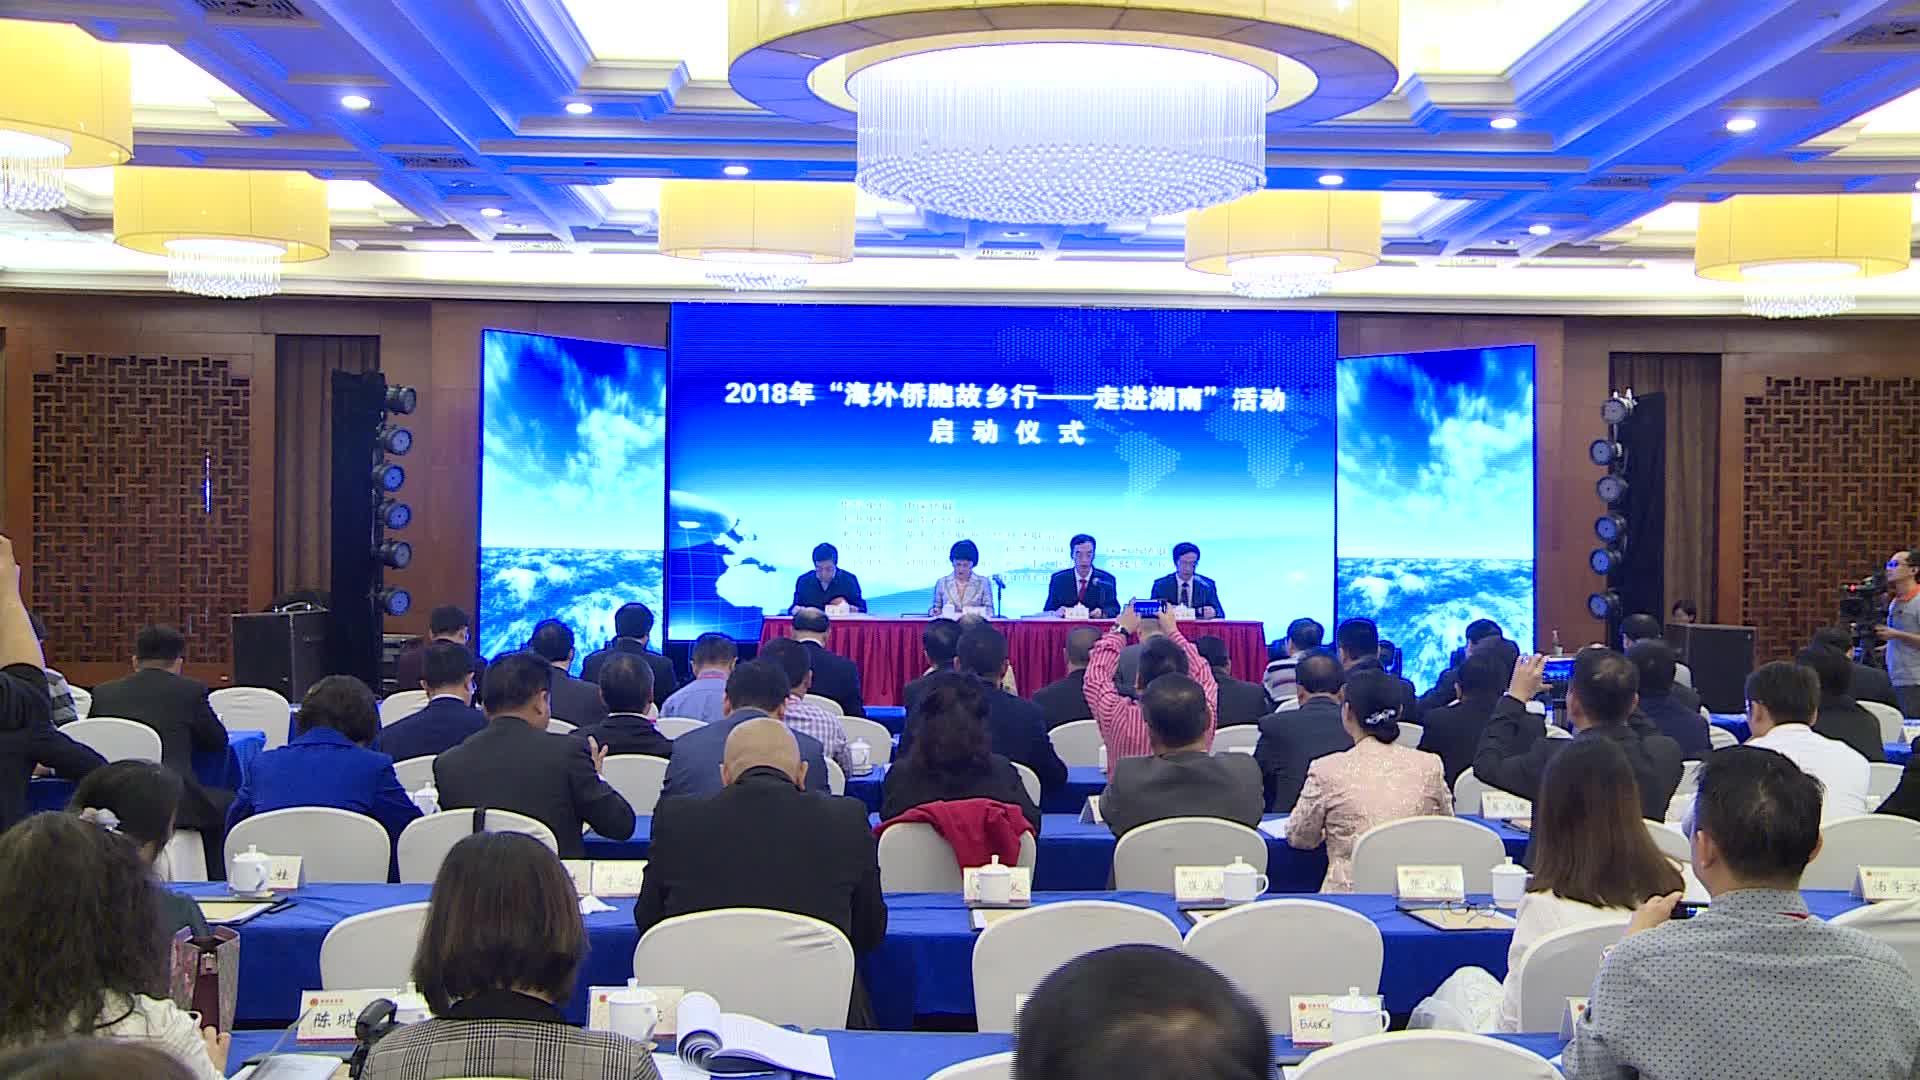 """2018年""""海外侨胞故乡行""""——走进湖南"""" 今天在长沙启动"""